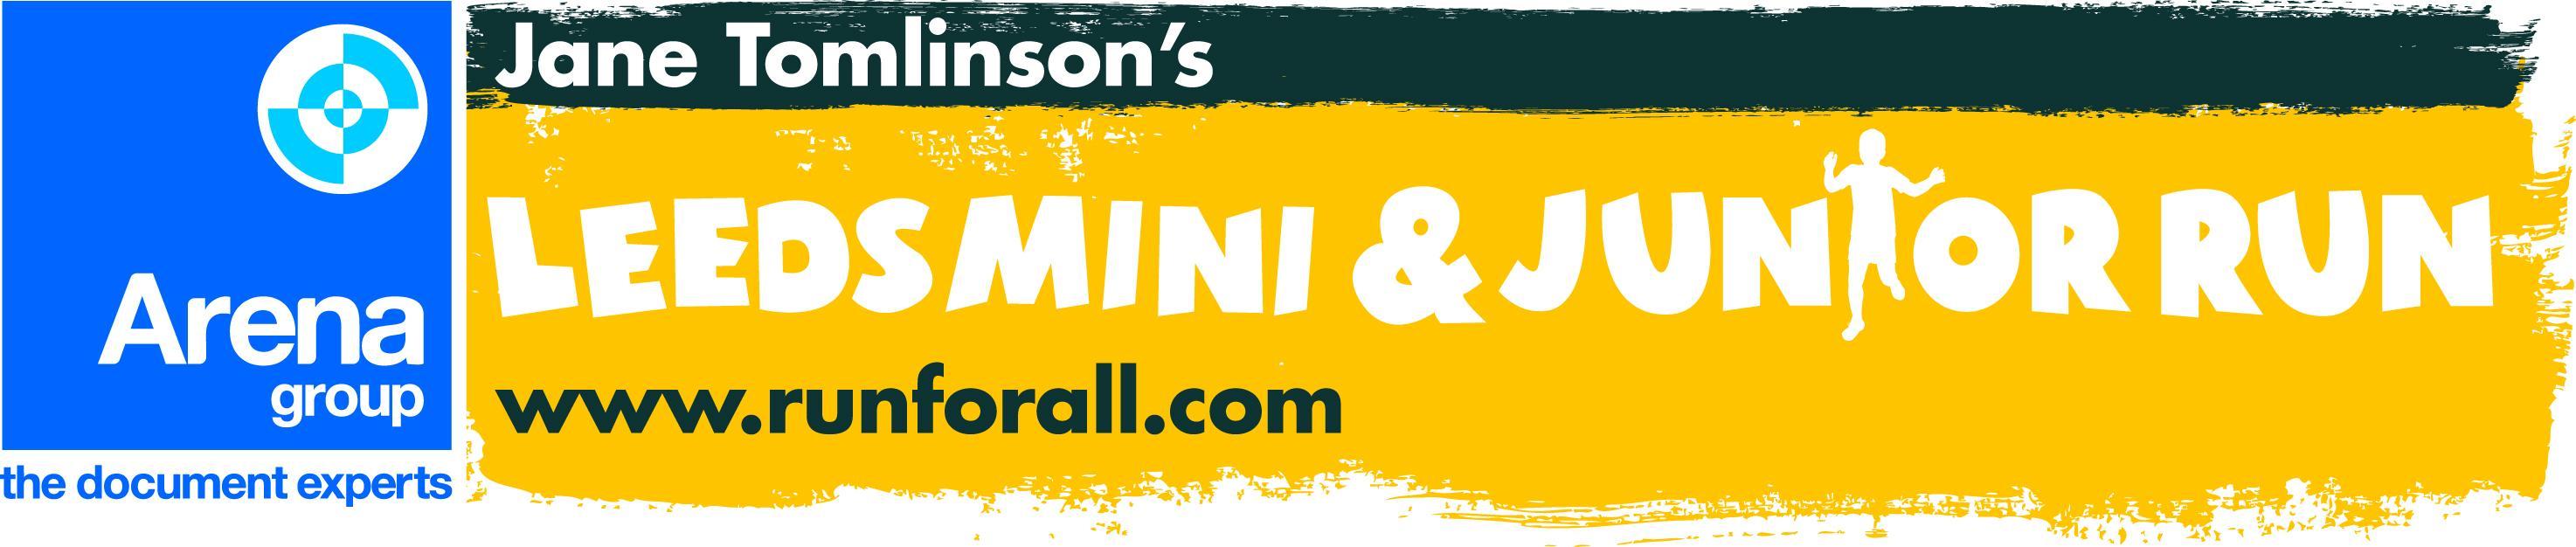 Mini & Junior Leeds 10k 2018